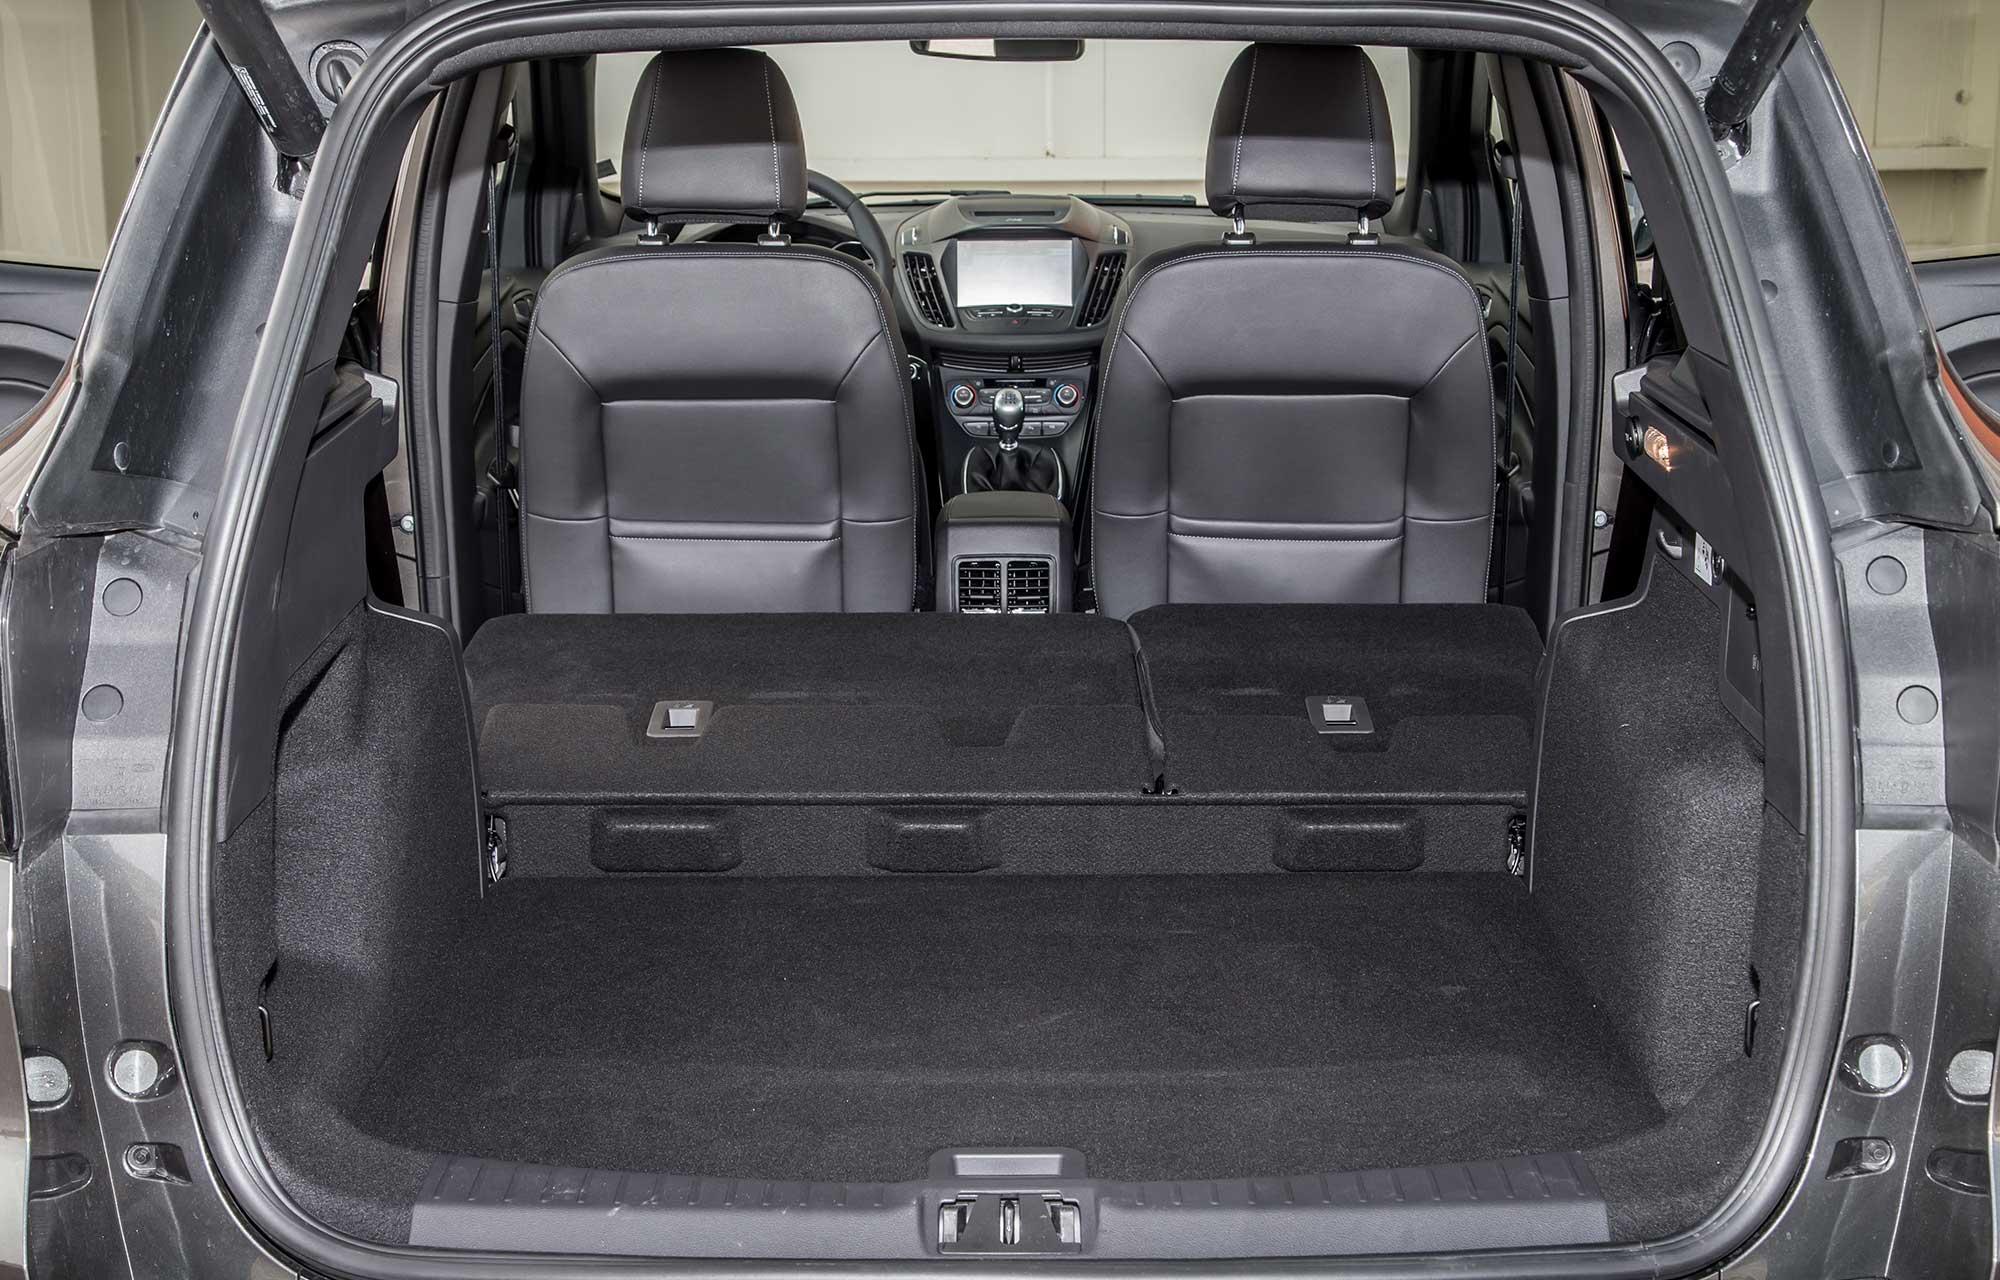 Ford Kuga interiør bagagerum